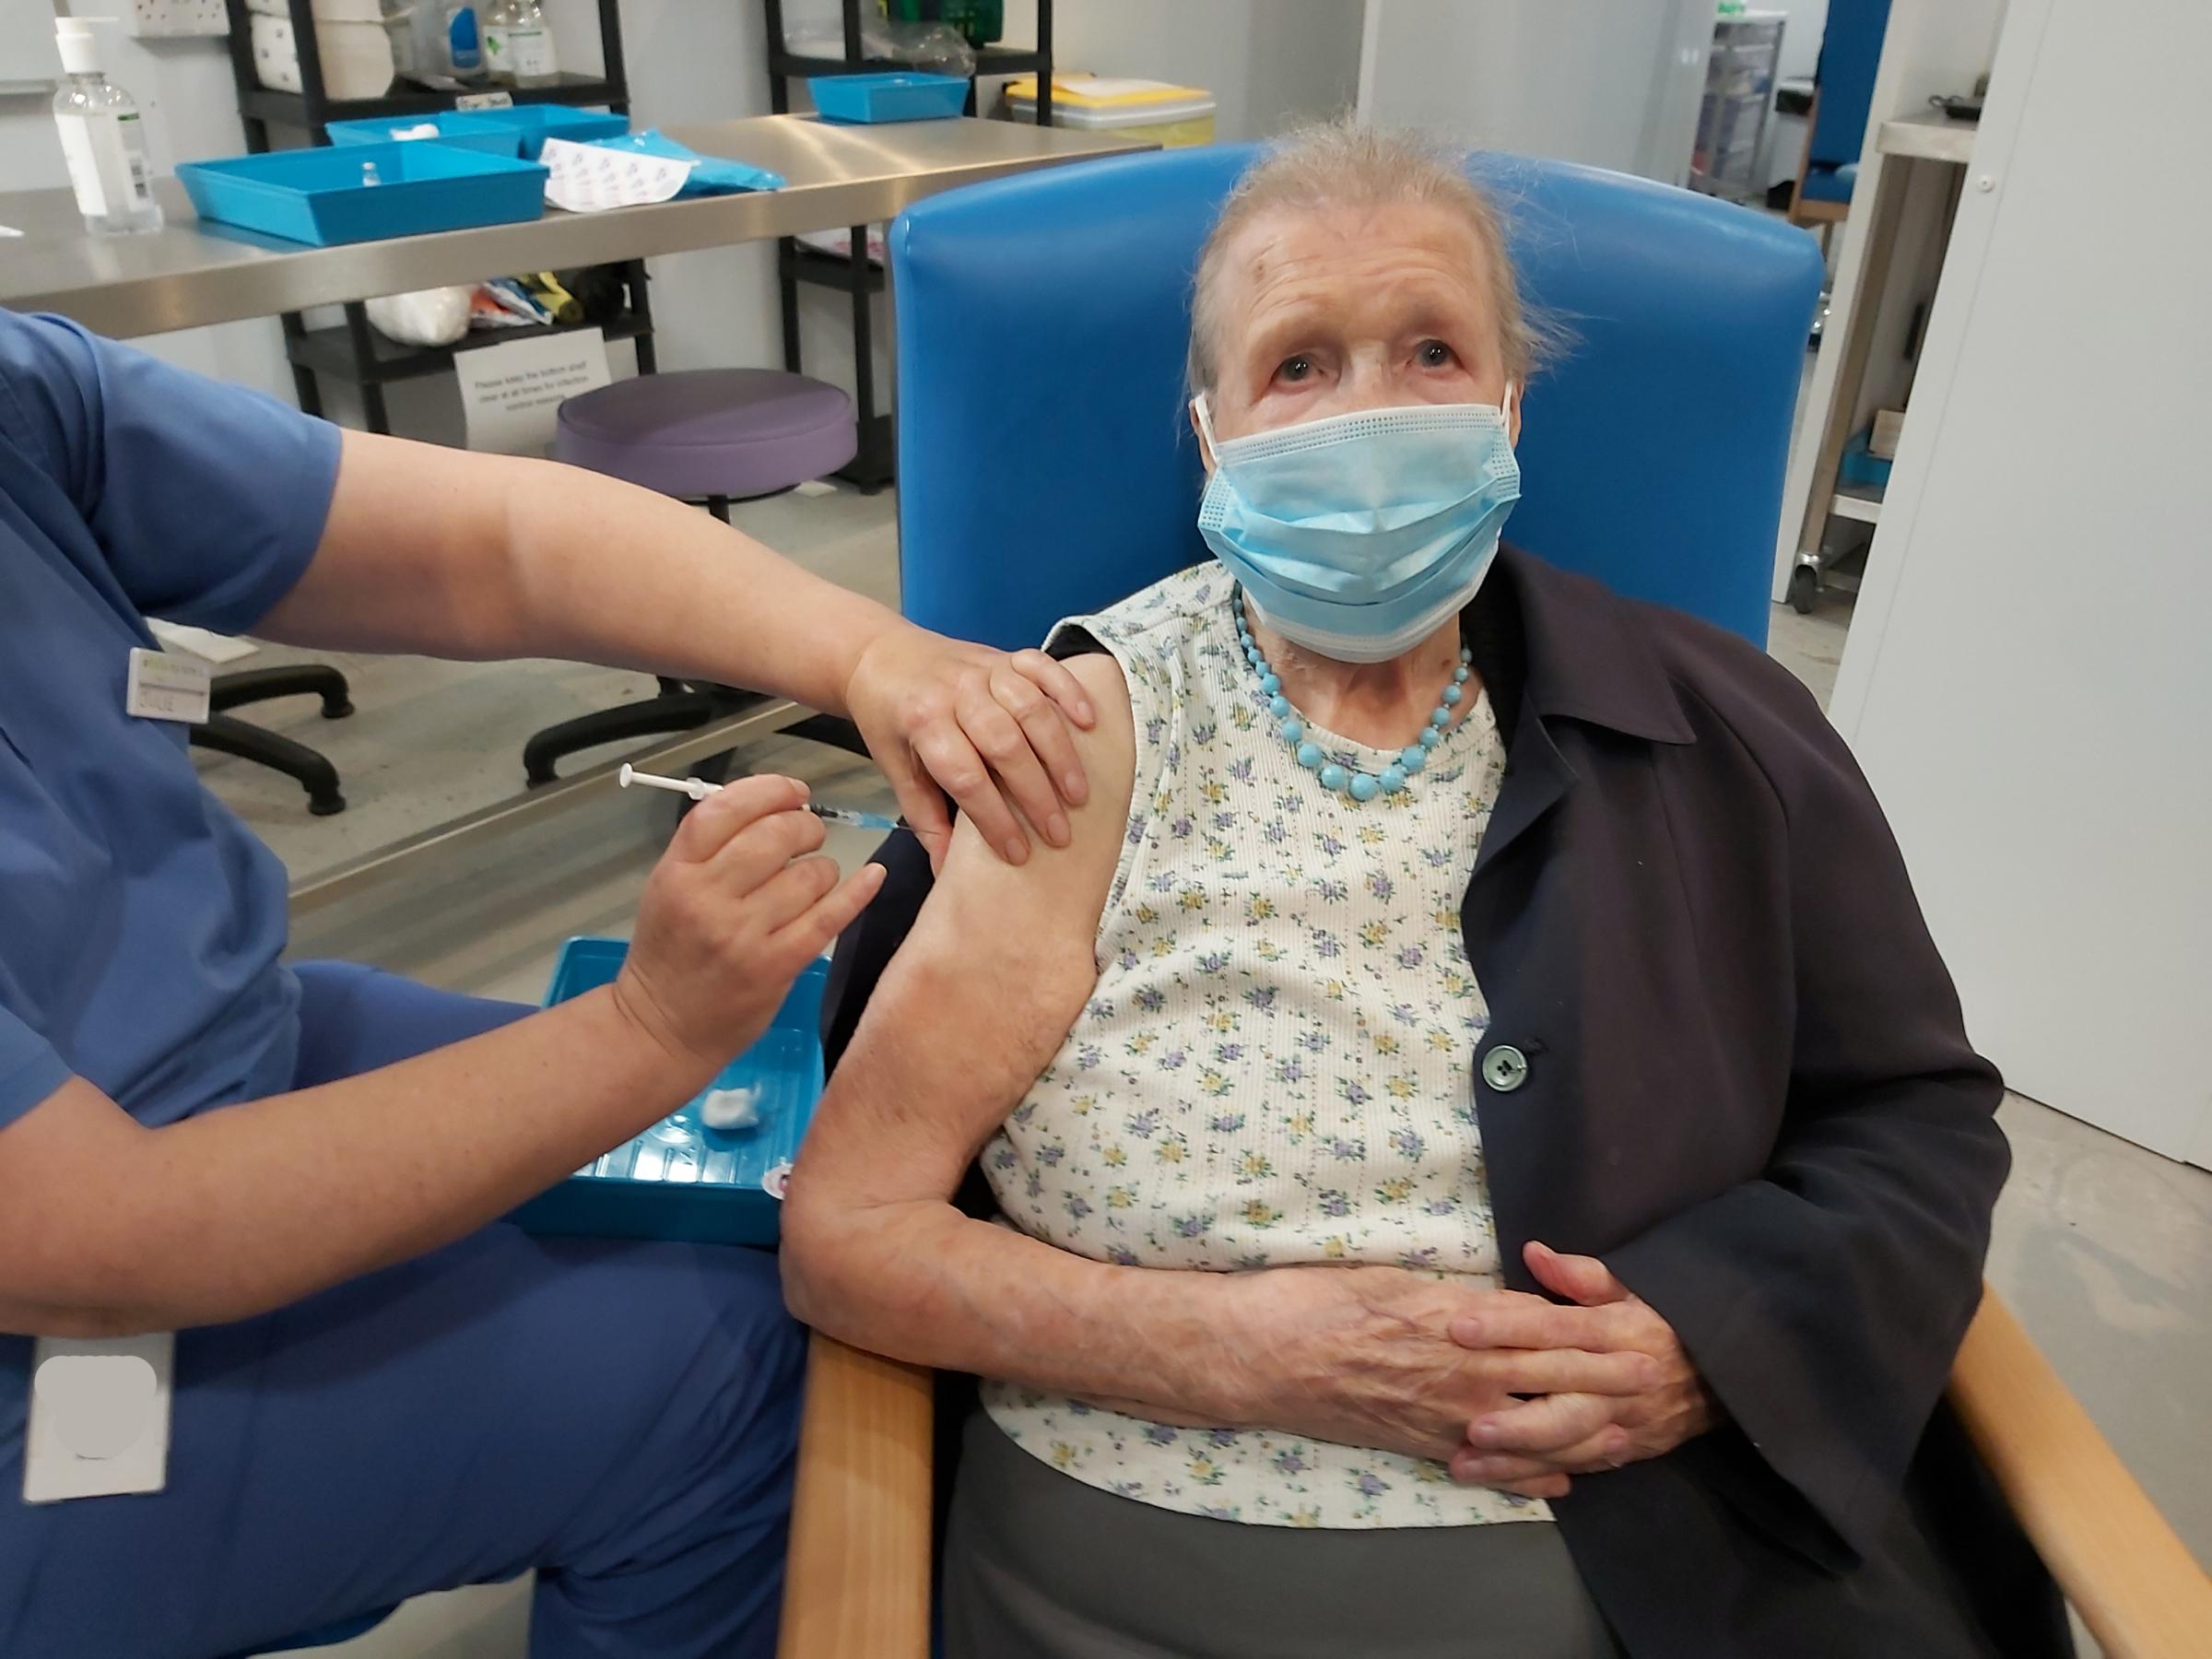 Blackburn, de 102 años, recibe su golpe de refuerzo para animar a los demás